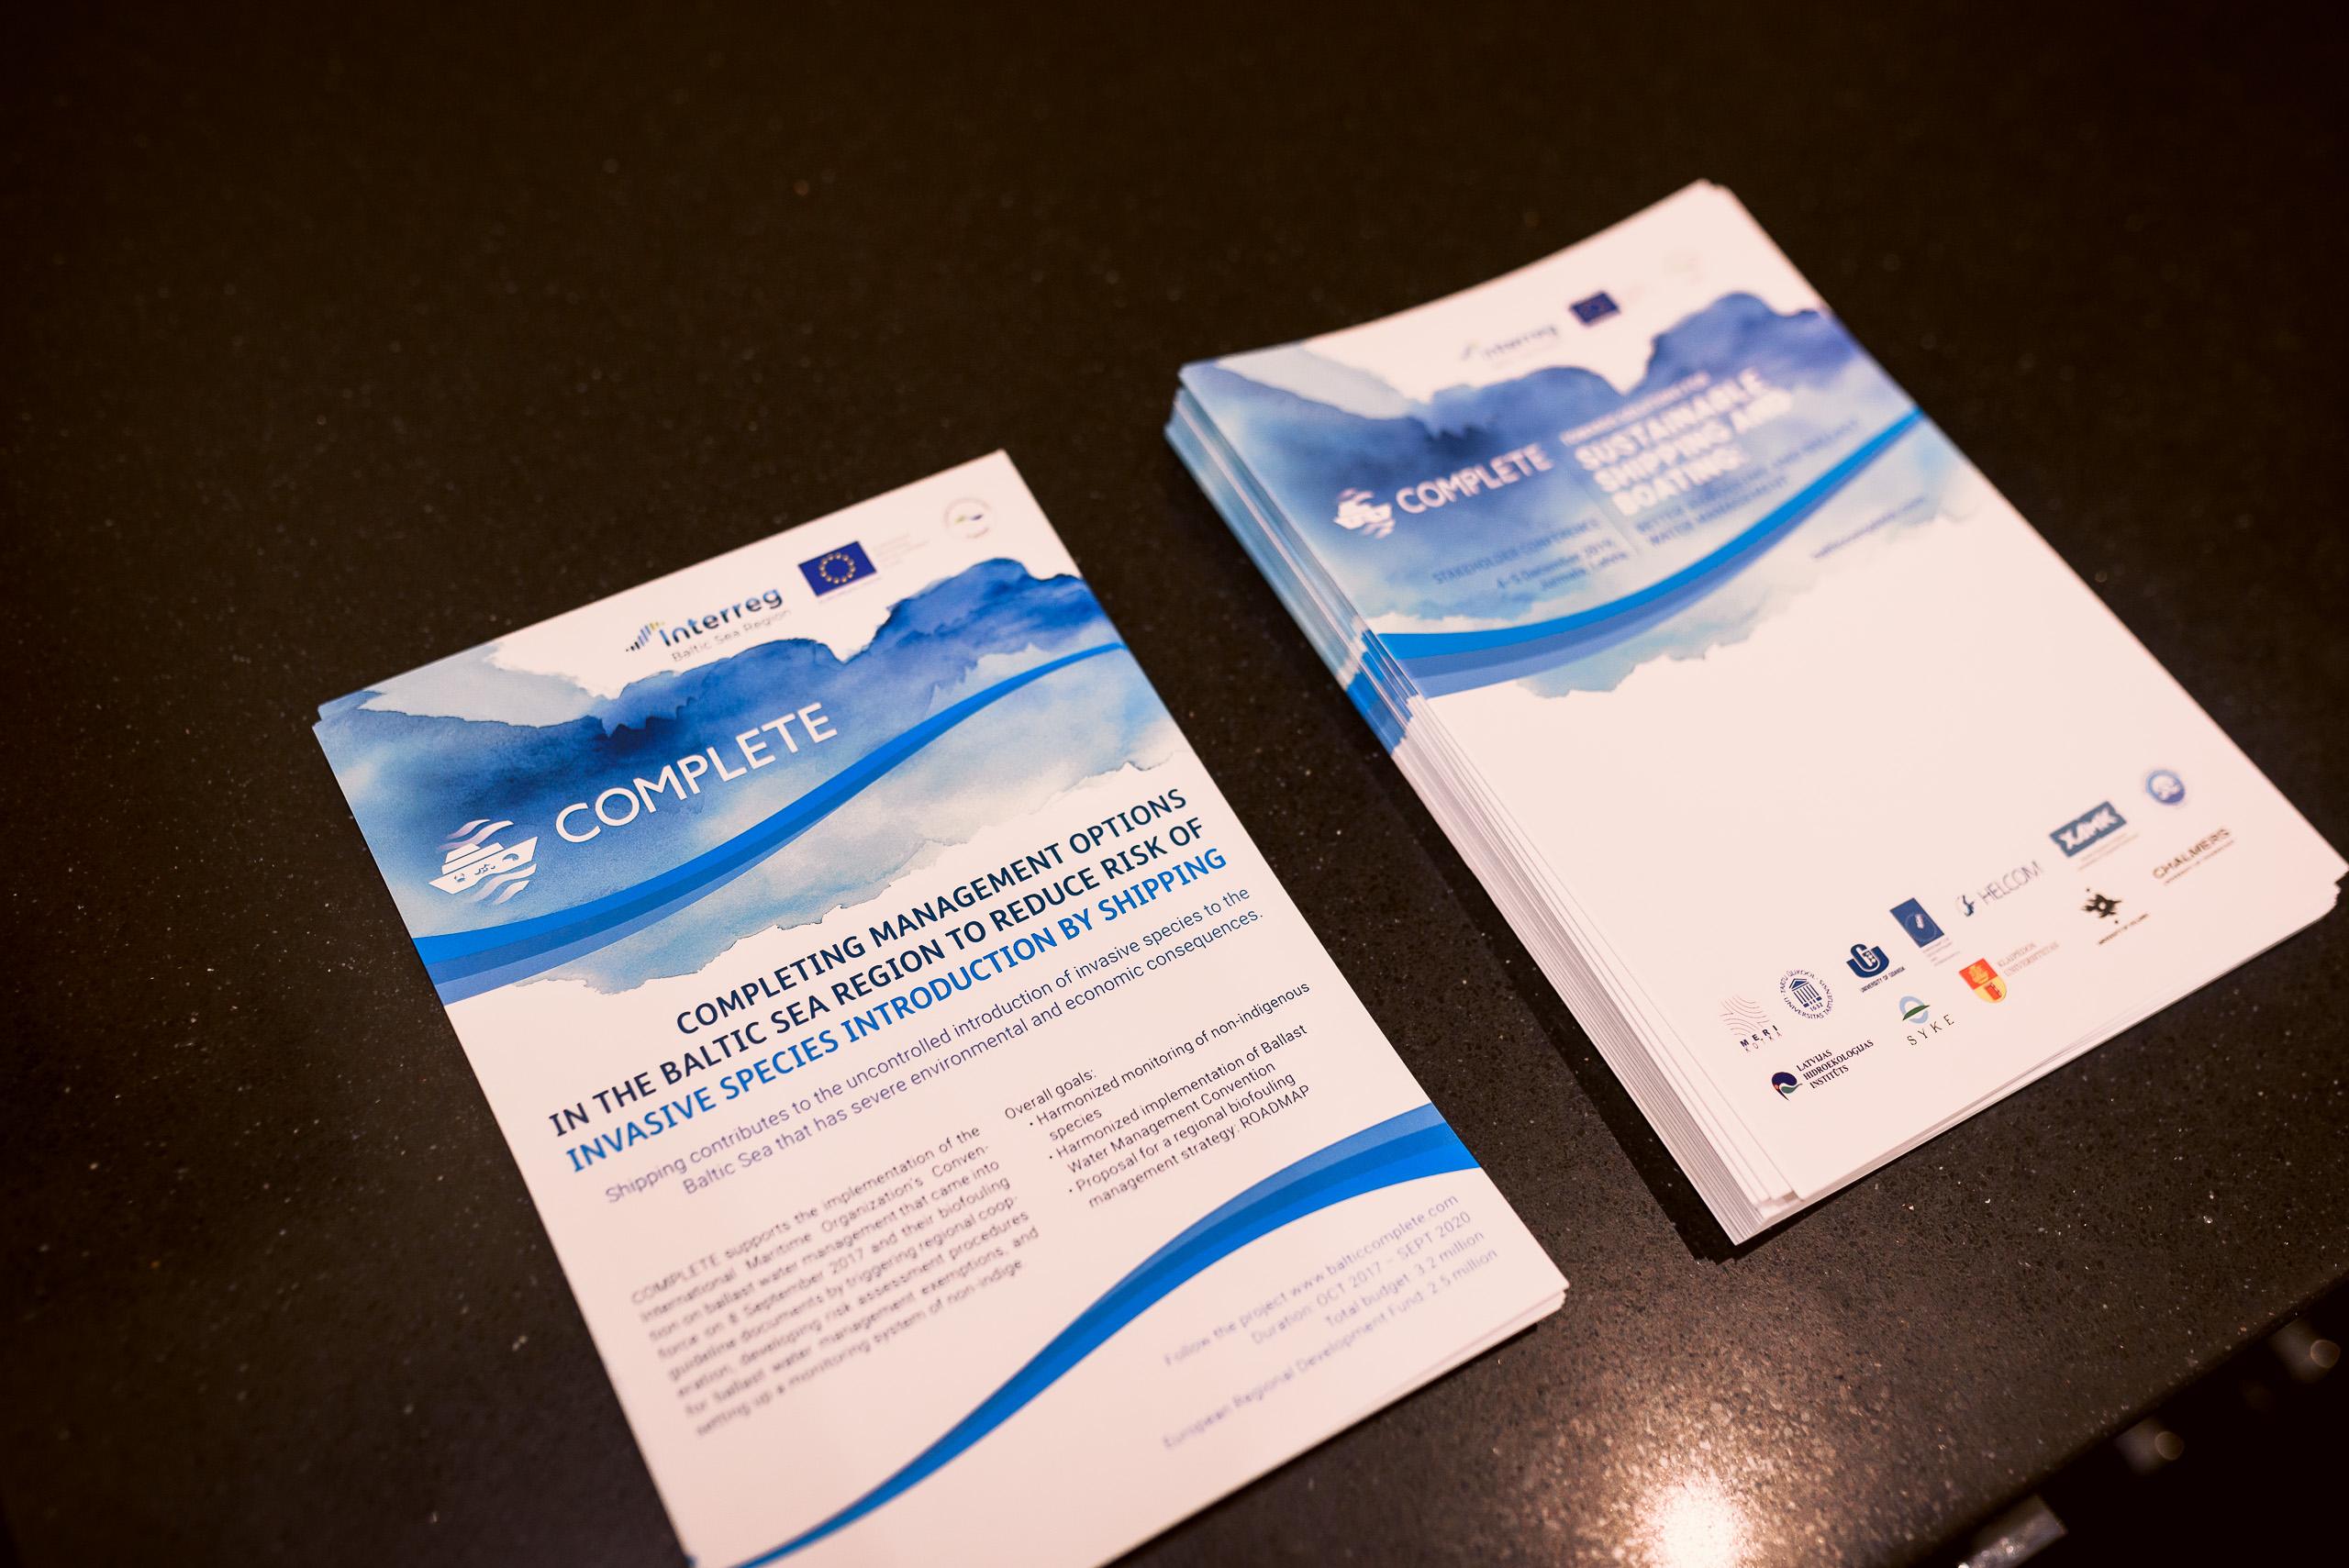 COMPLETE-projektin sidosryhmäkonferenssin aineistot saatavilla